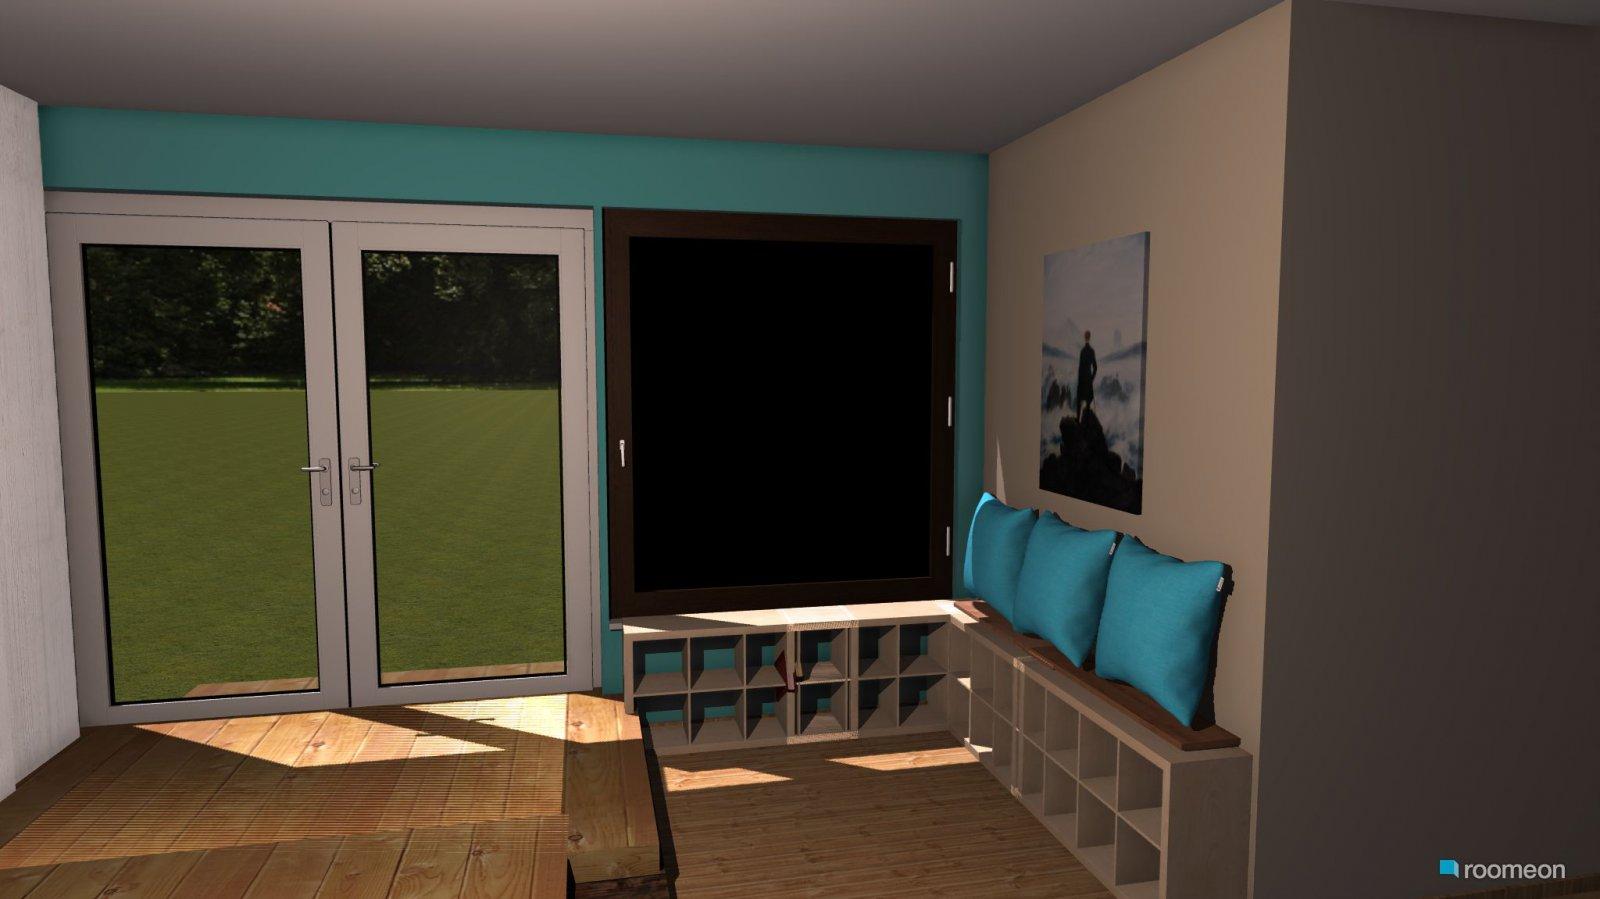 Room Design Wohnzimmer Durchbruch Roomeon Community